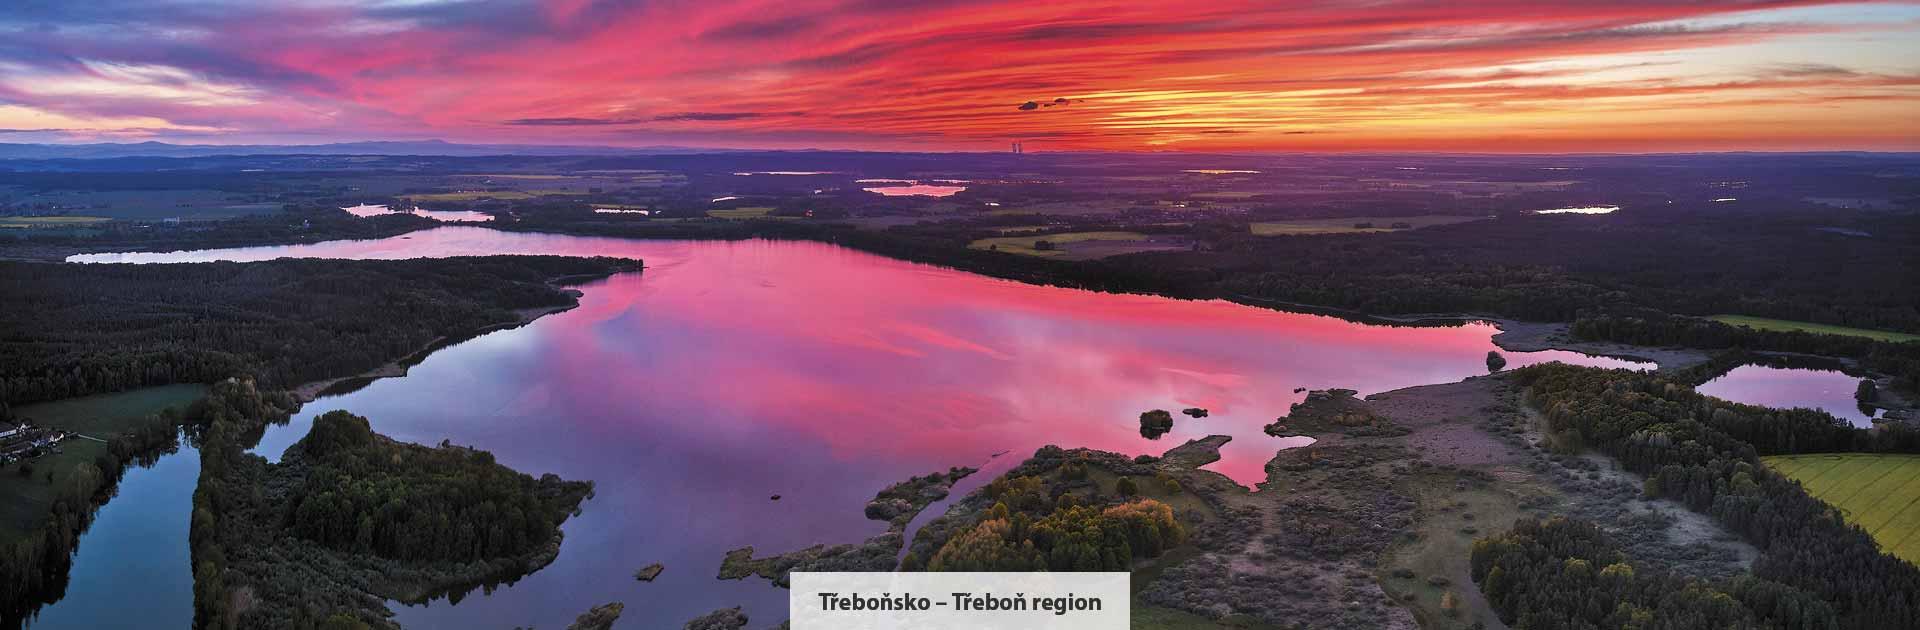 Třeboňsko - Česká republika UNESCO